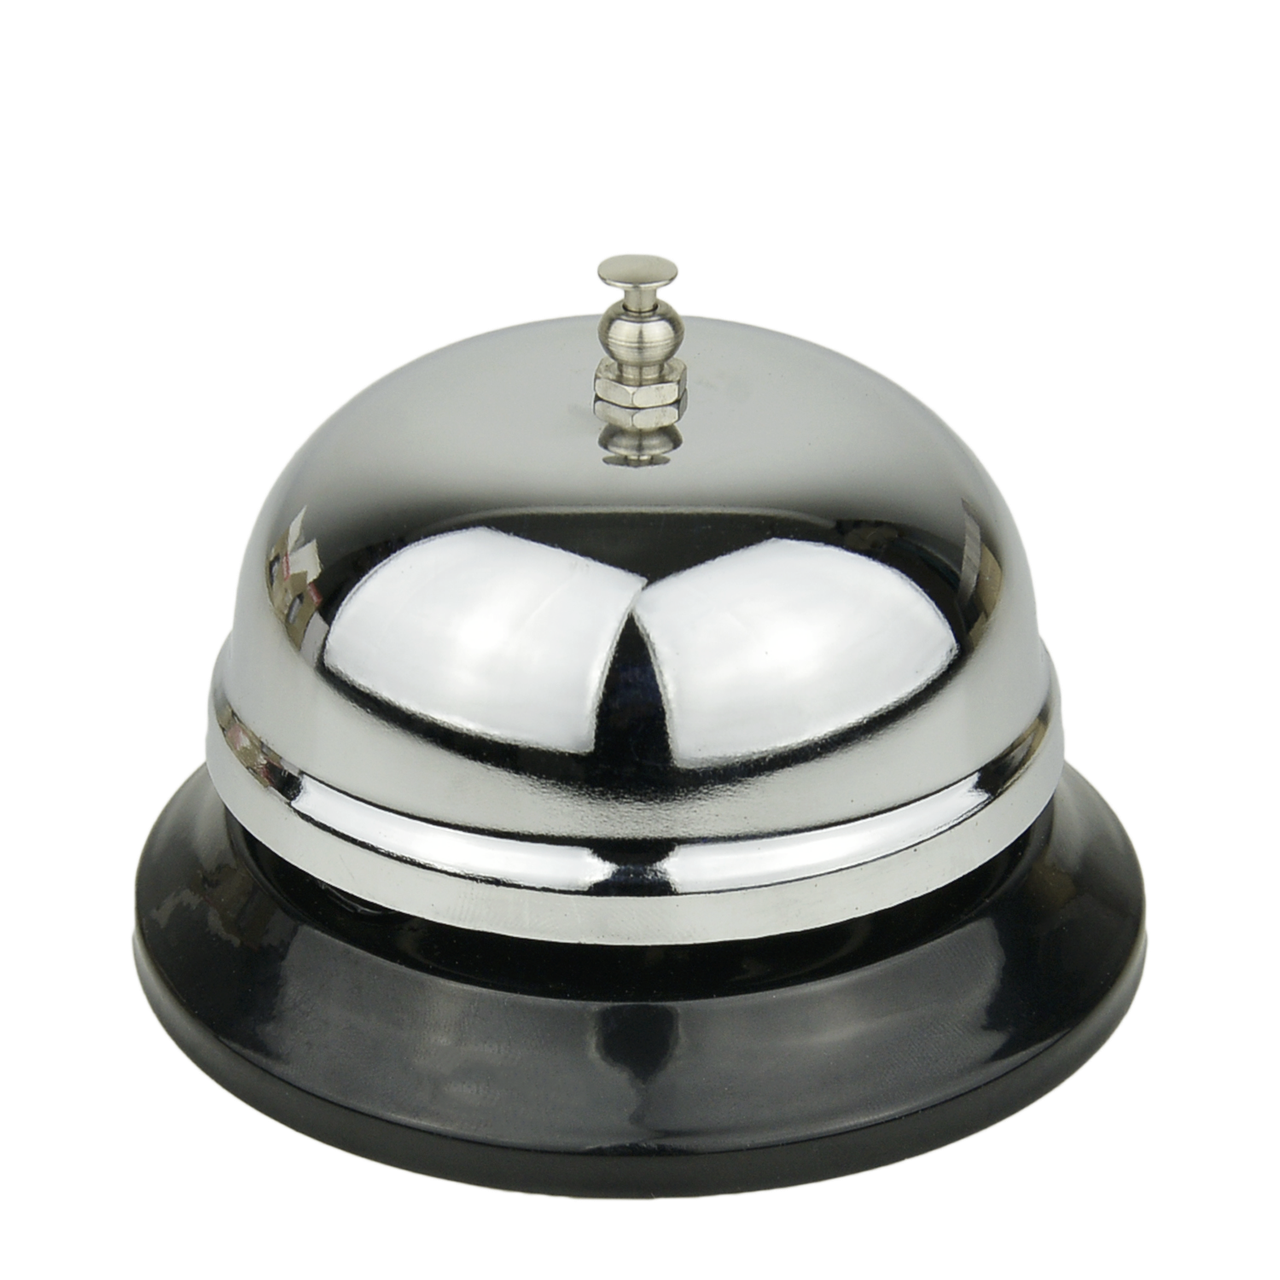 Звонок настольный для официанта Ø 100 мм